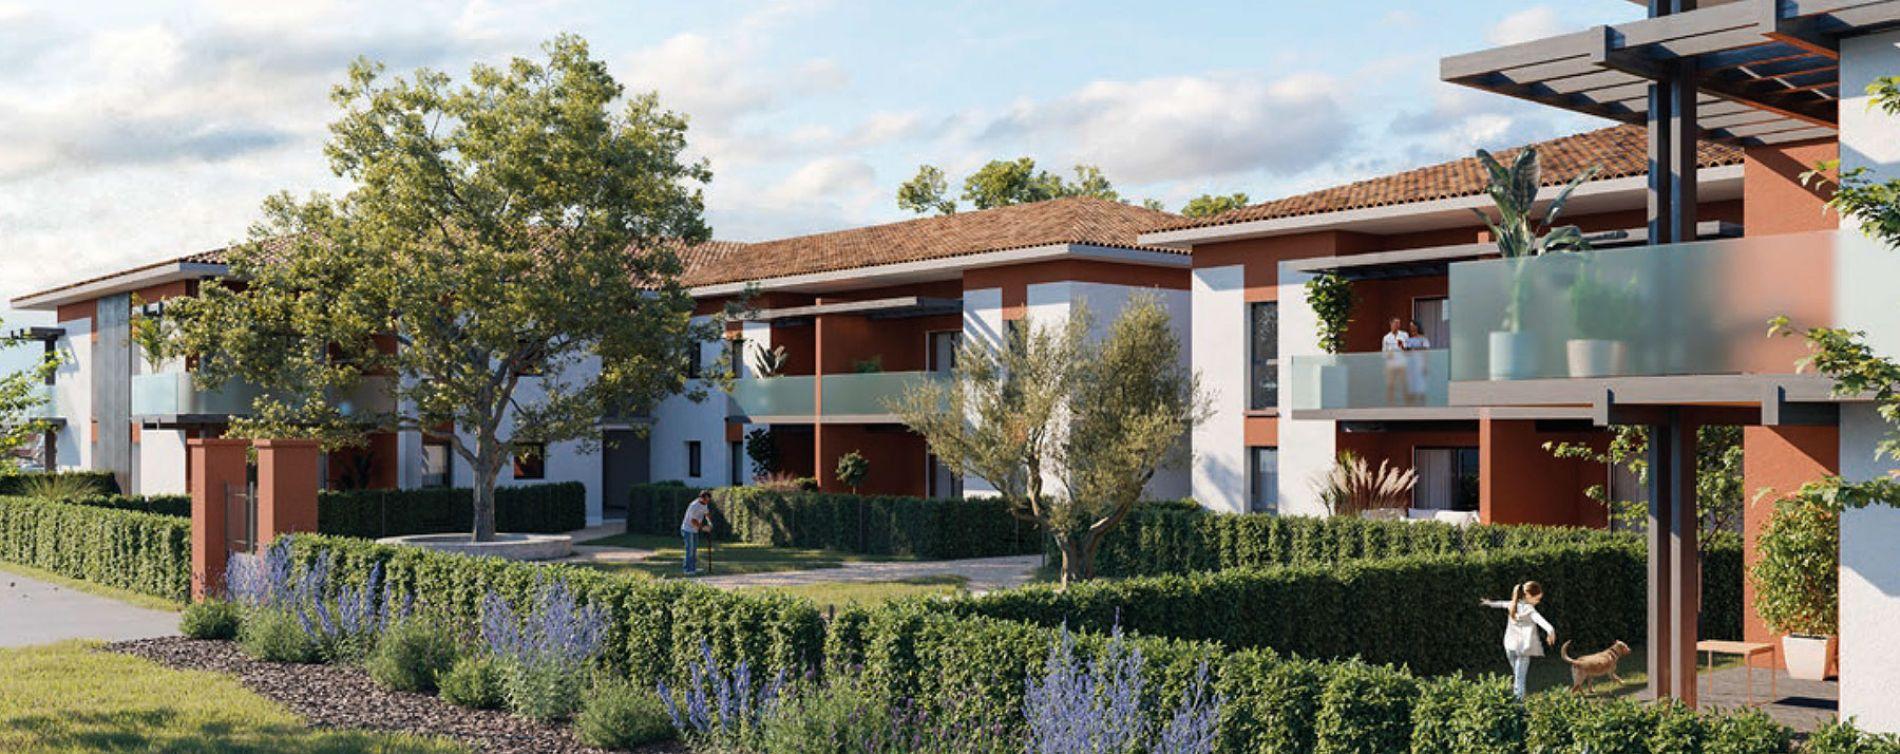 Lespinasse : programme immobilier neuve « Jardin d'Autrefois »